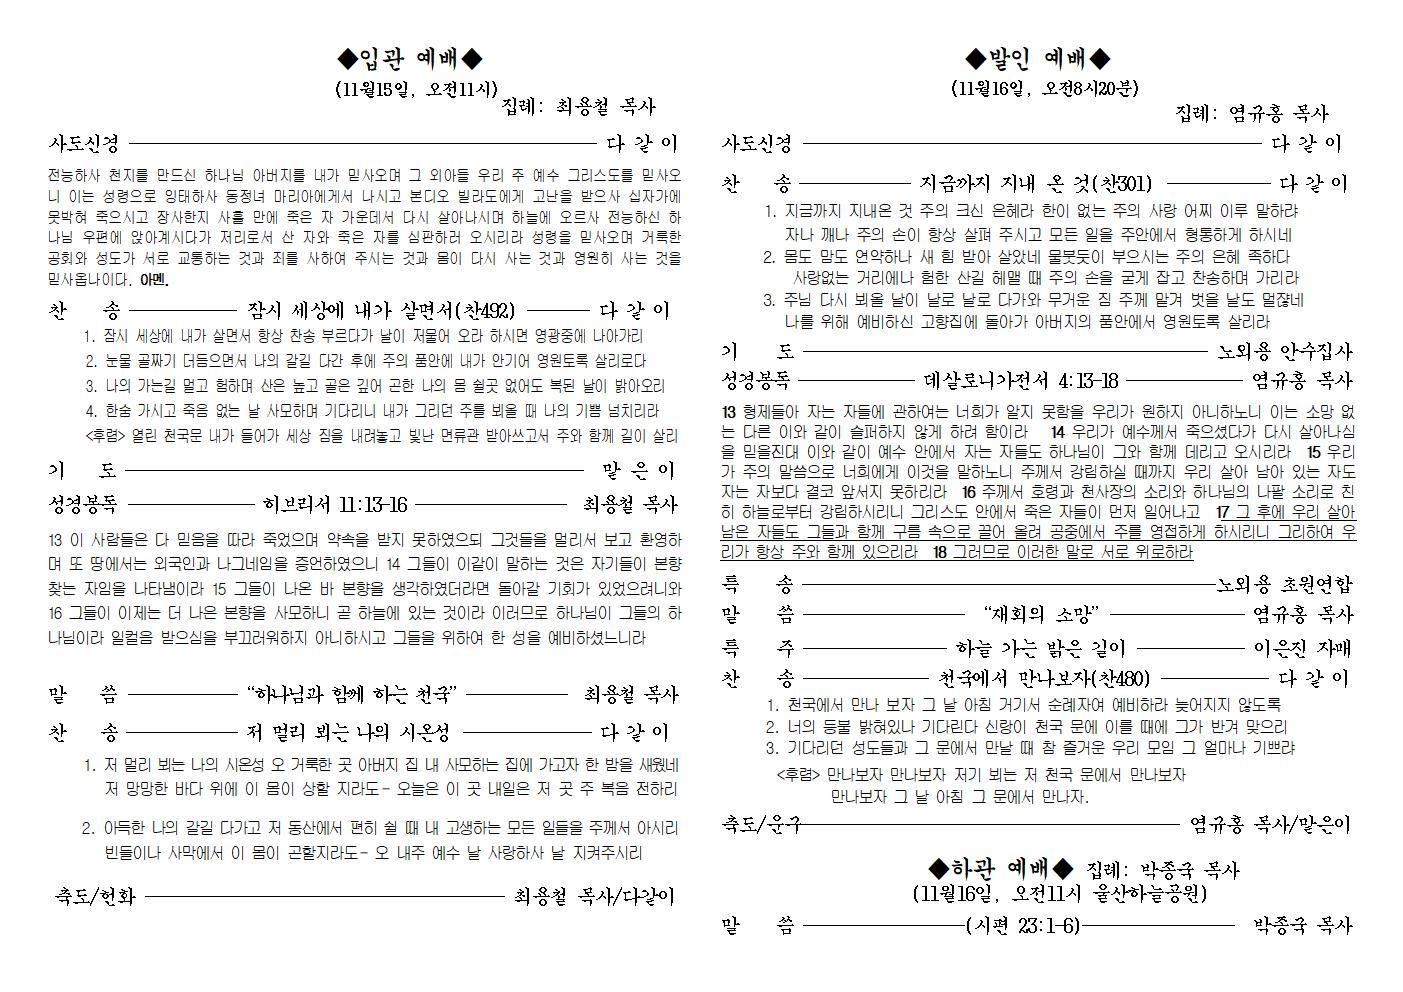 김광채성도(김종엽형제부친) 천국환송예배002.jpg